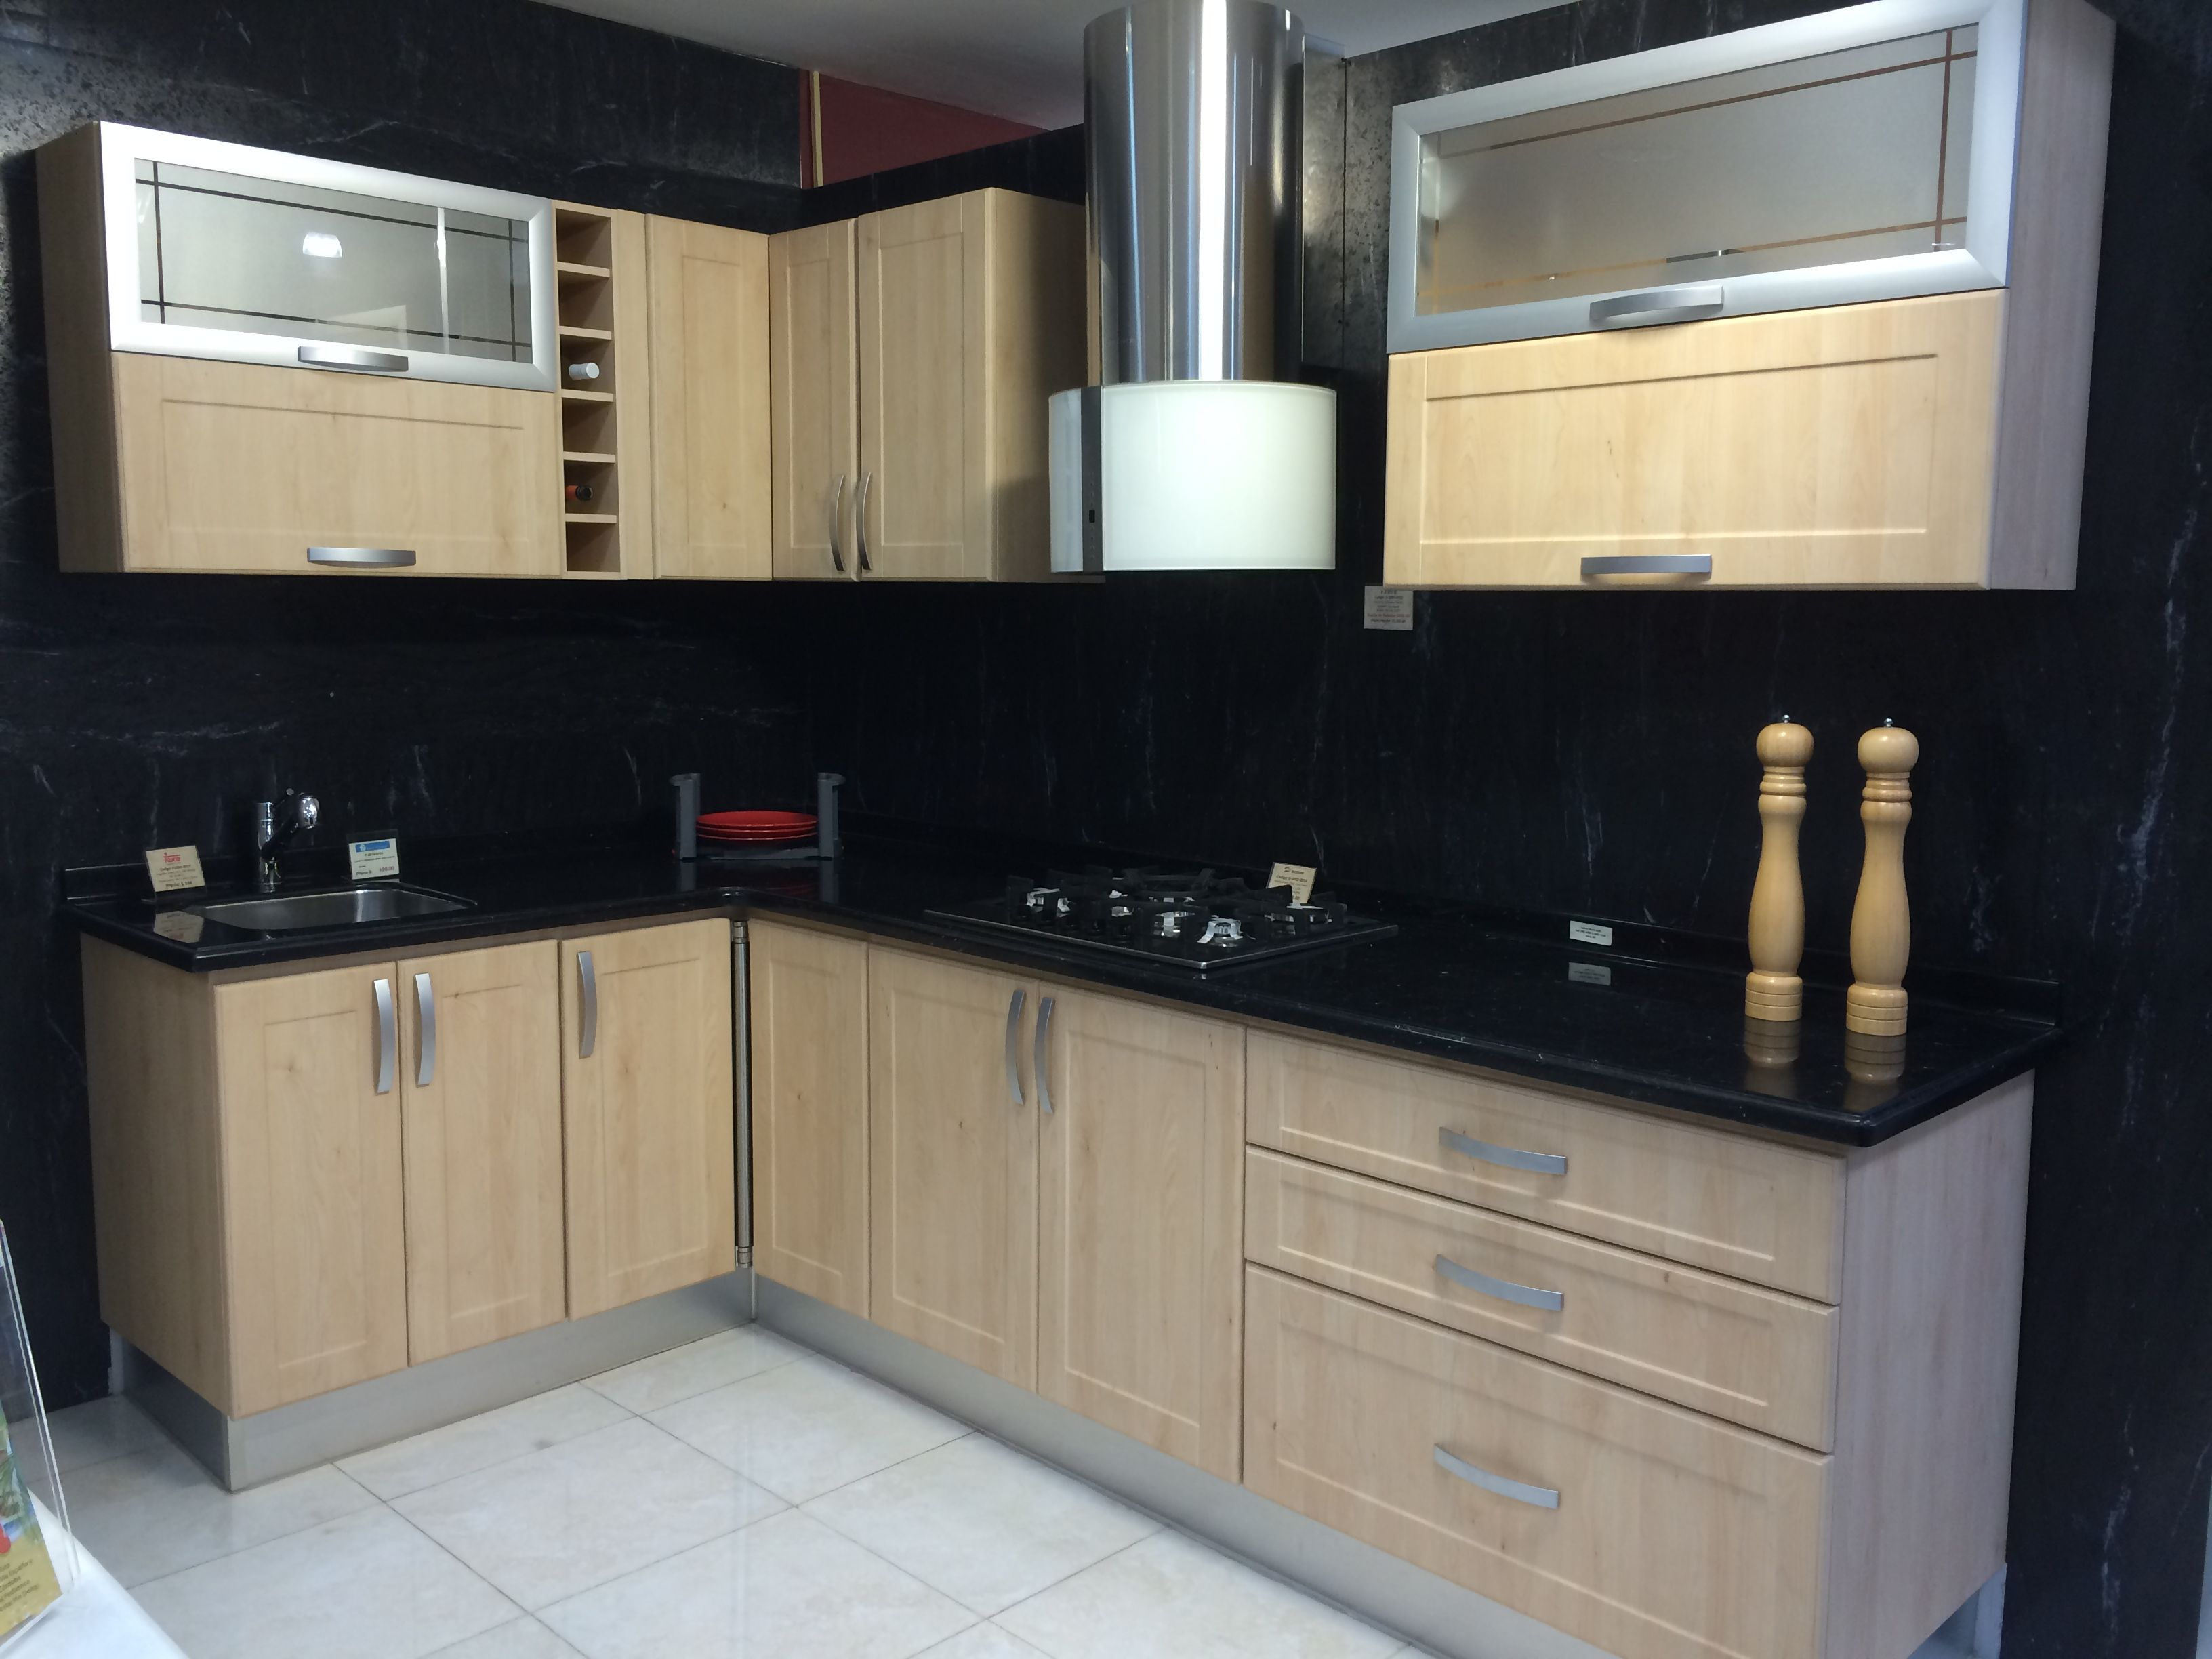 Cocina termoformada acabado en madera clara cocinas - Cocinas madera clara ...